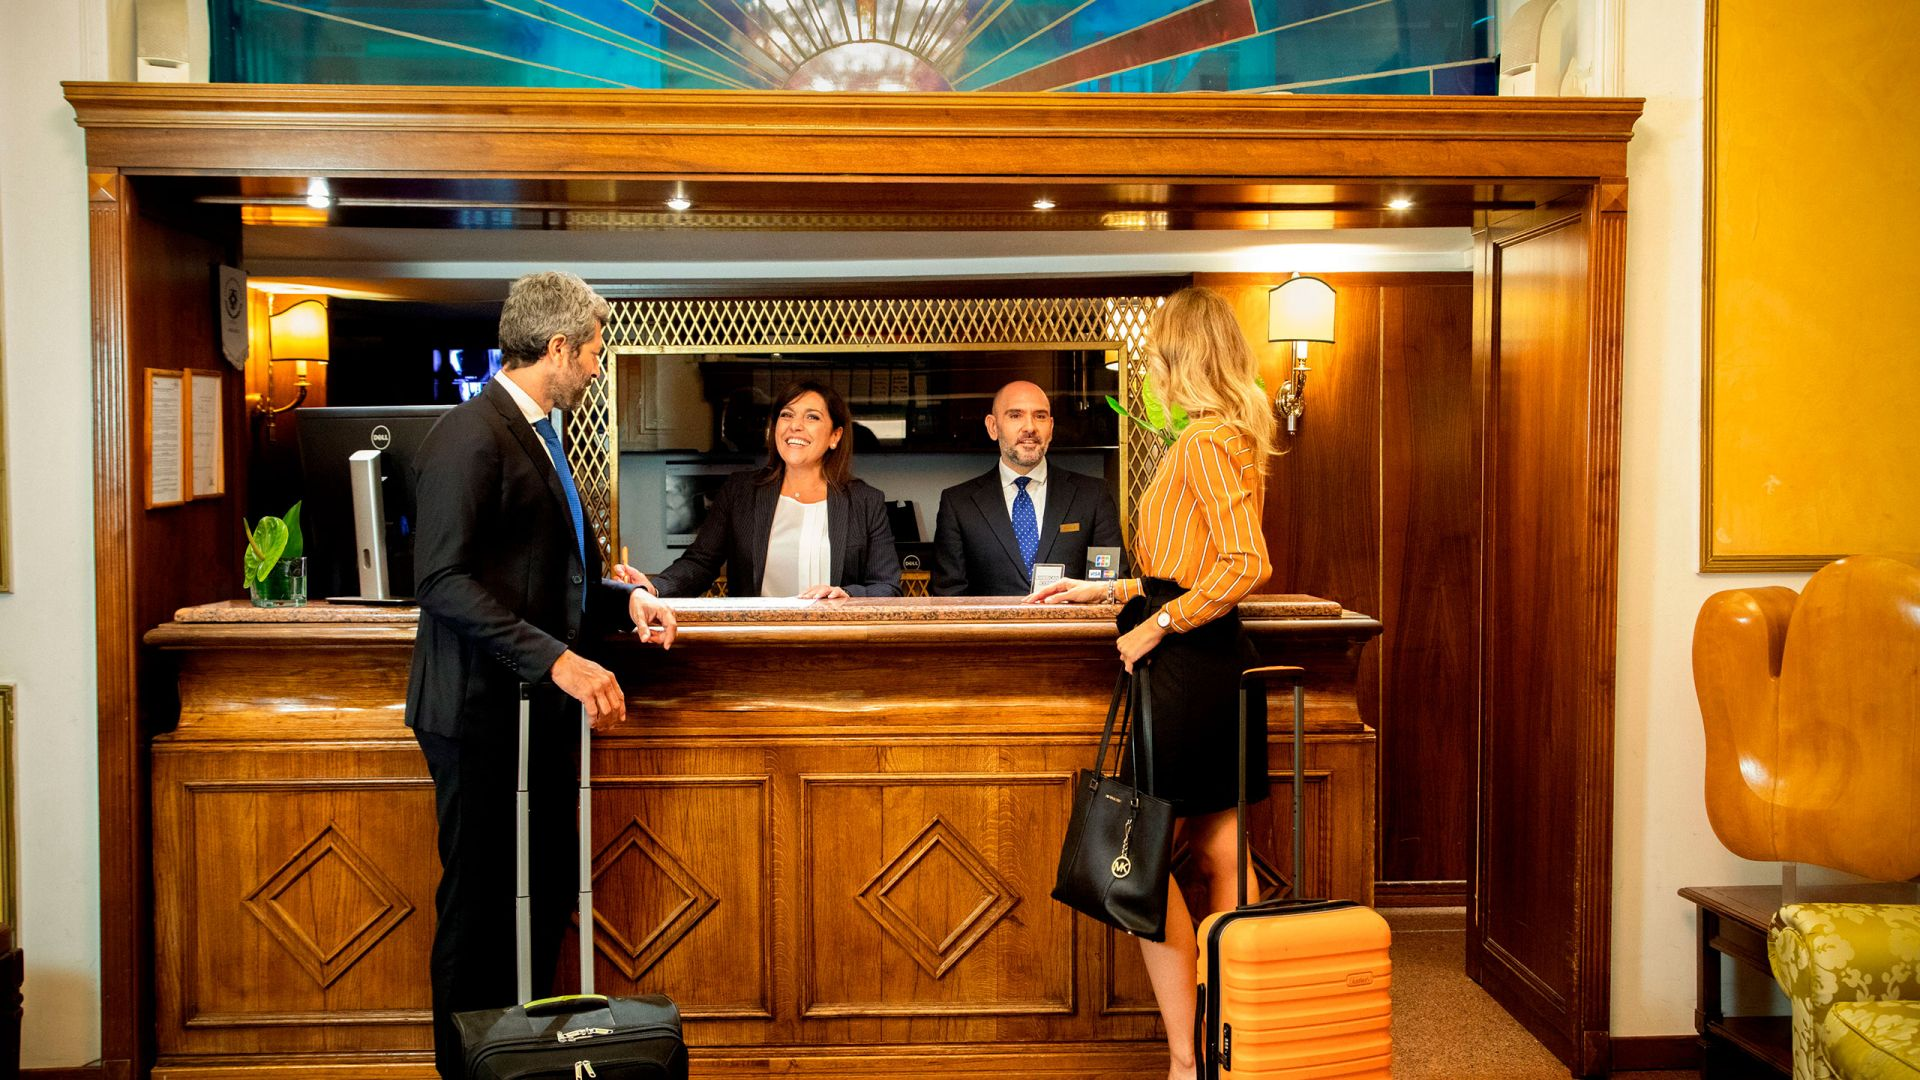 IMG-6541--Hotel-Oxofrd-Roma-Quart-Restaurant.jpg